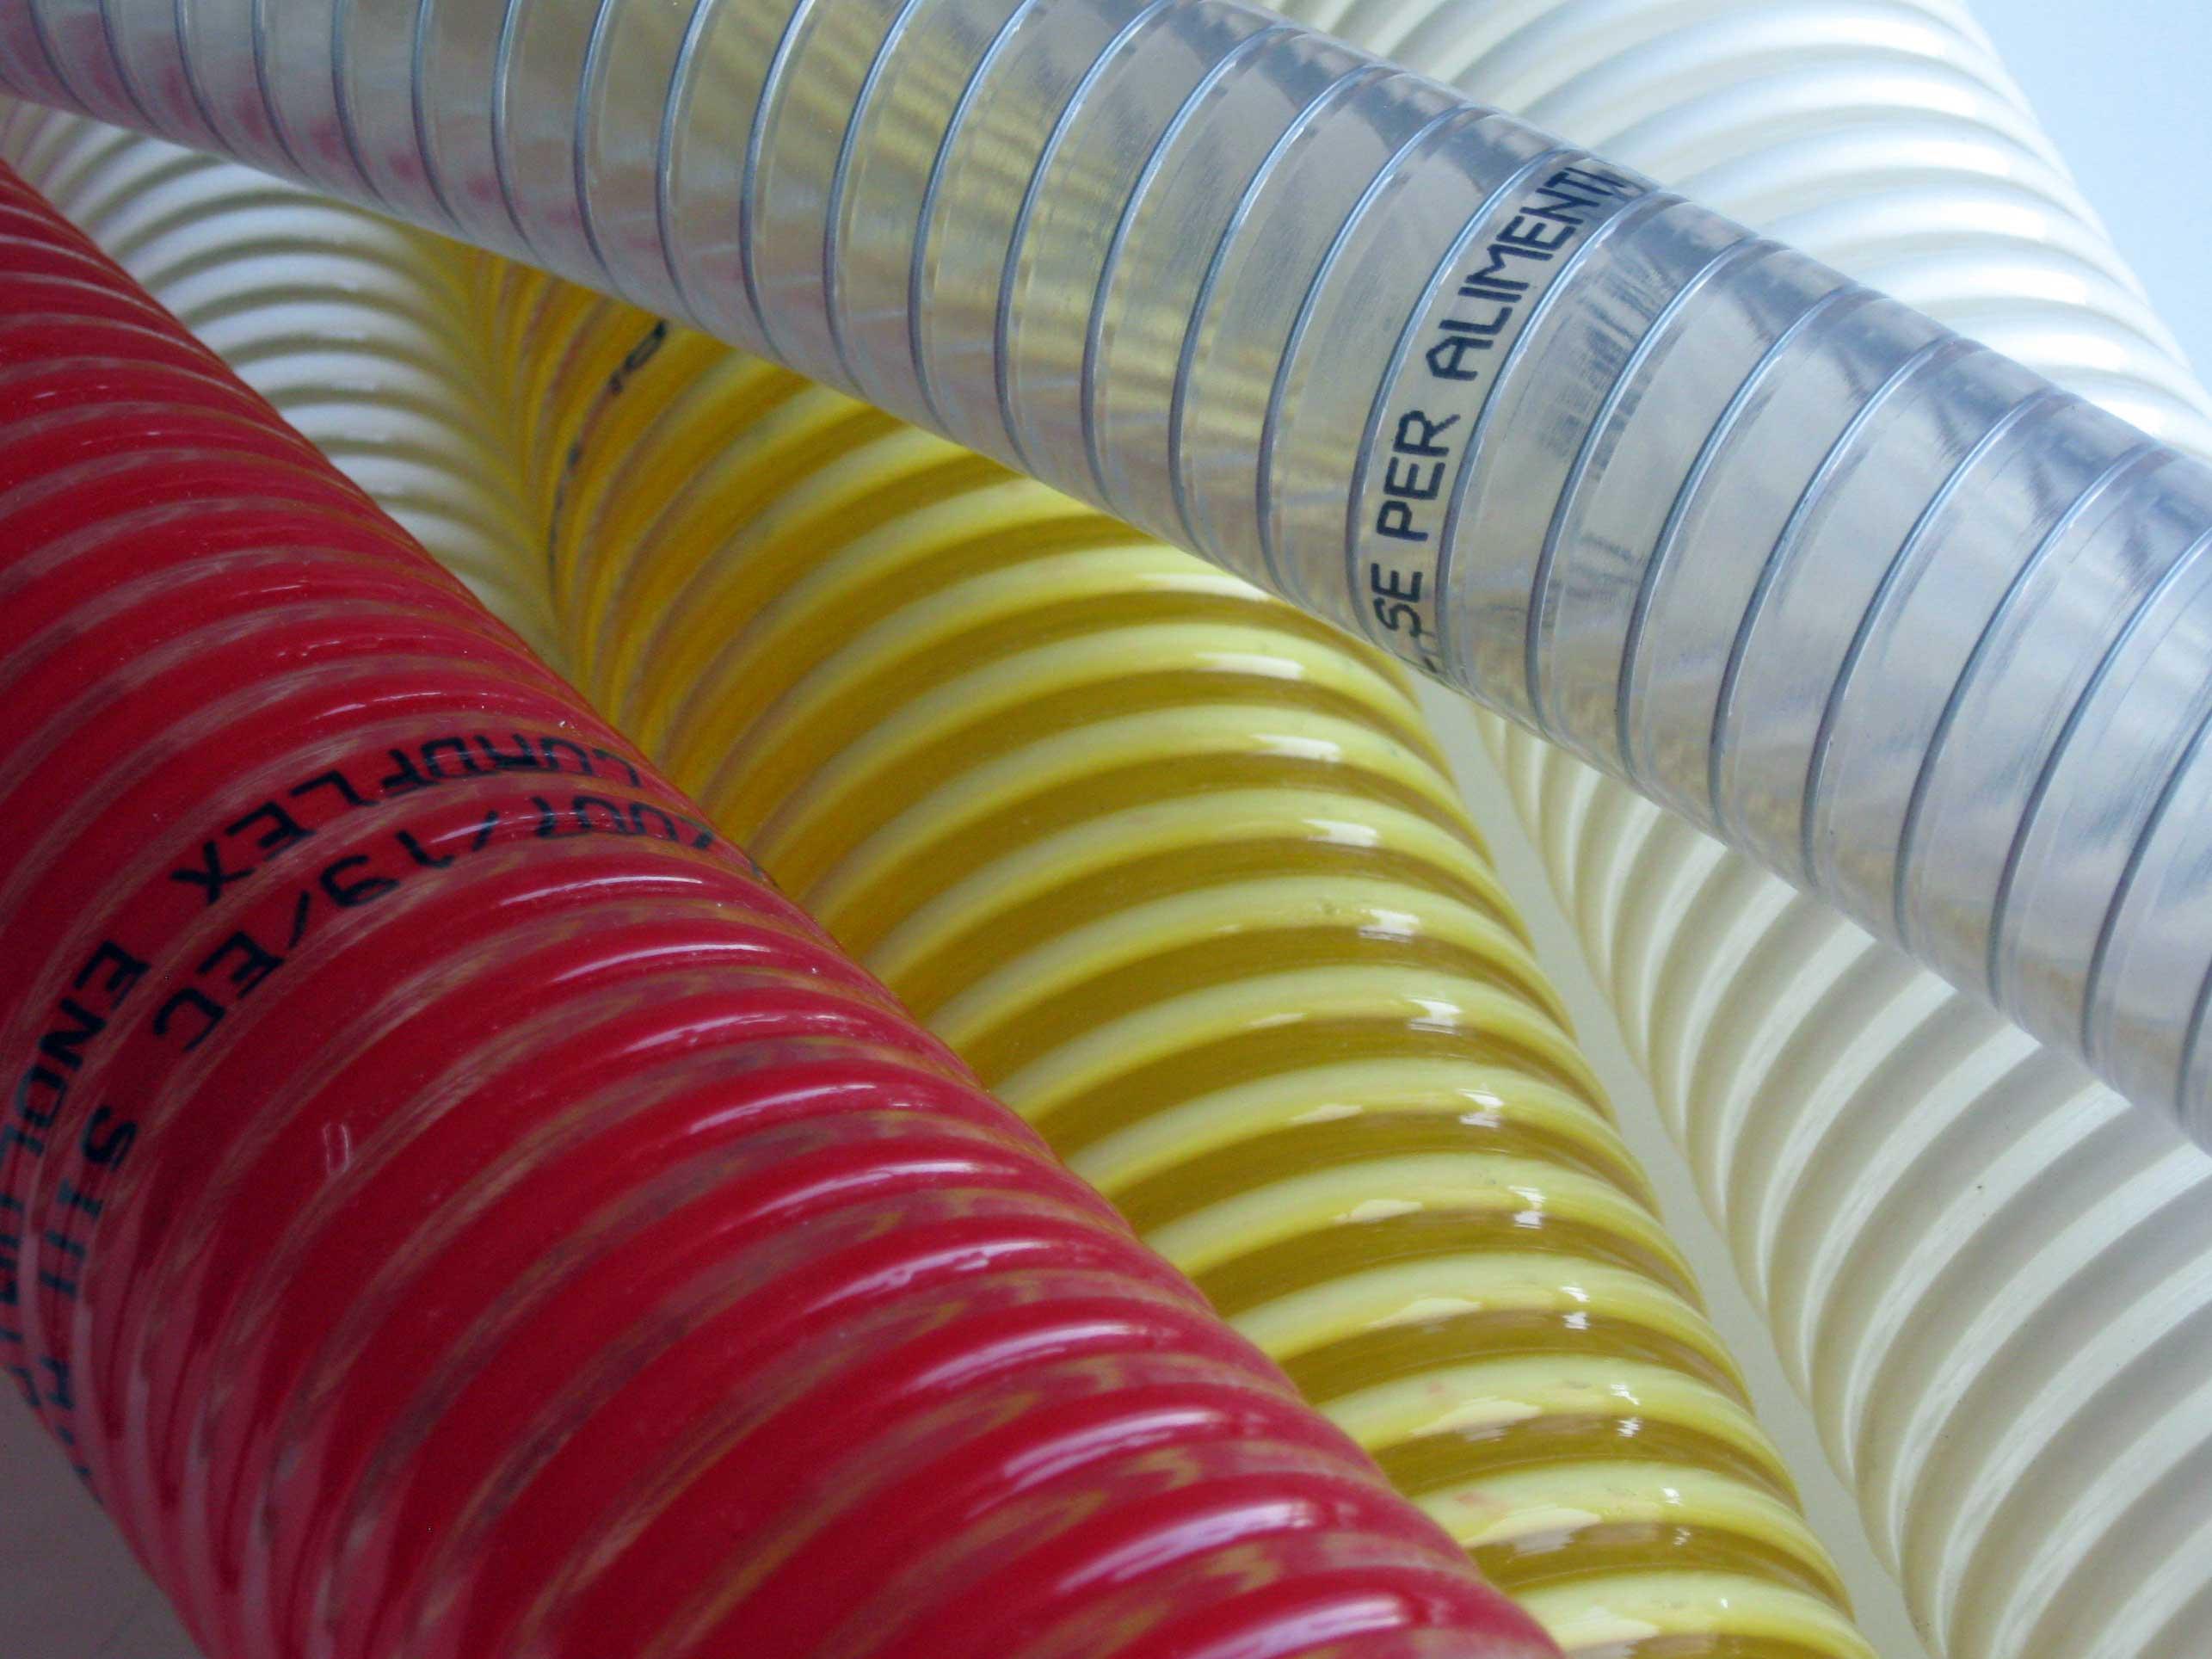 Tubi pvc campogalliano reggio emilia tubo flessibile for Tubi per irrigazione a goccia prezzi